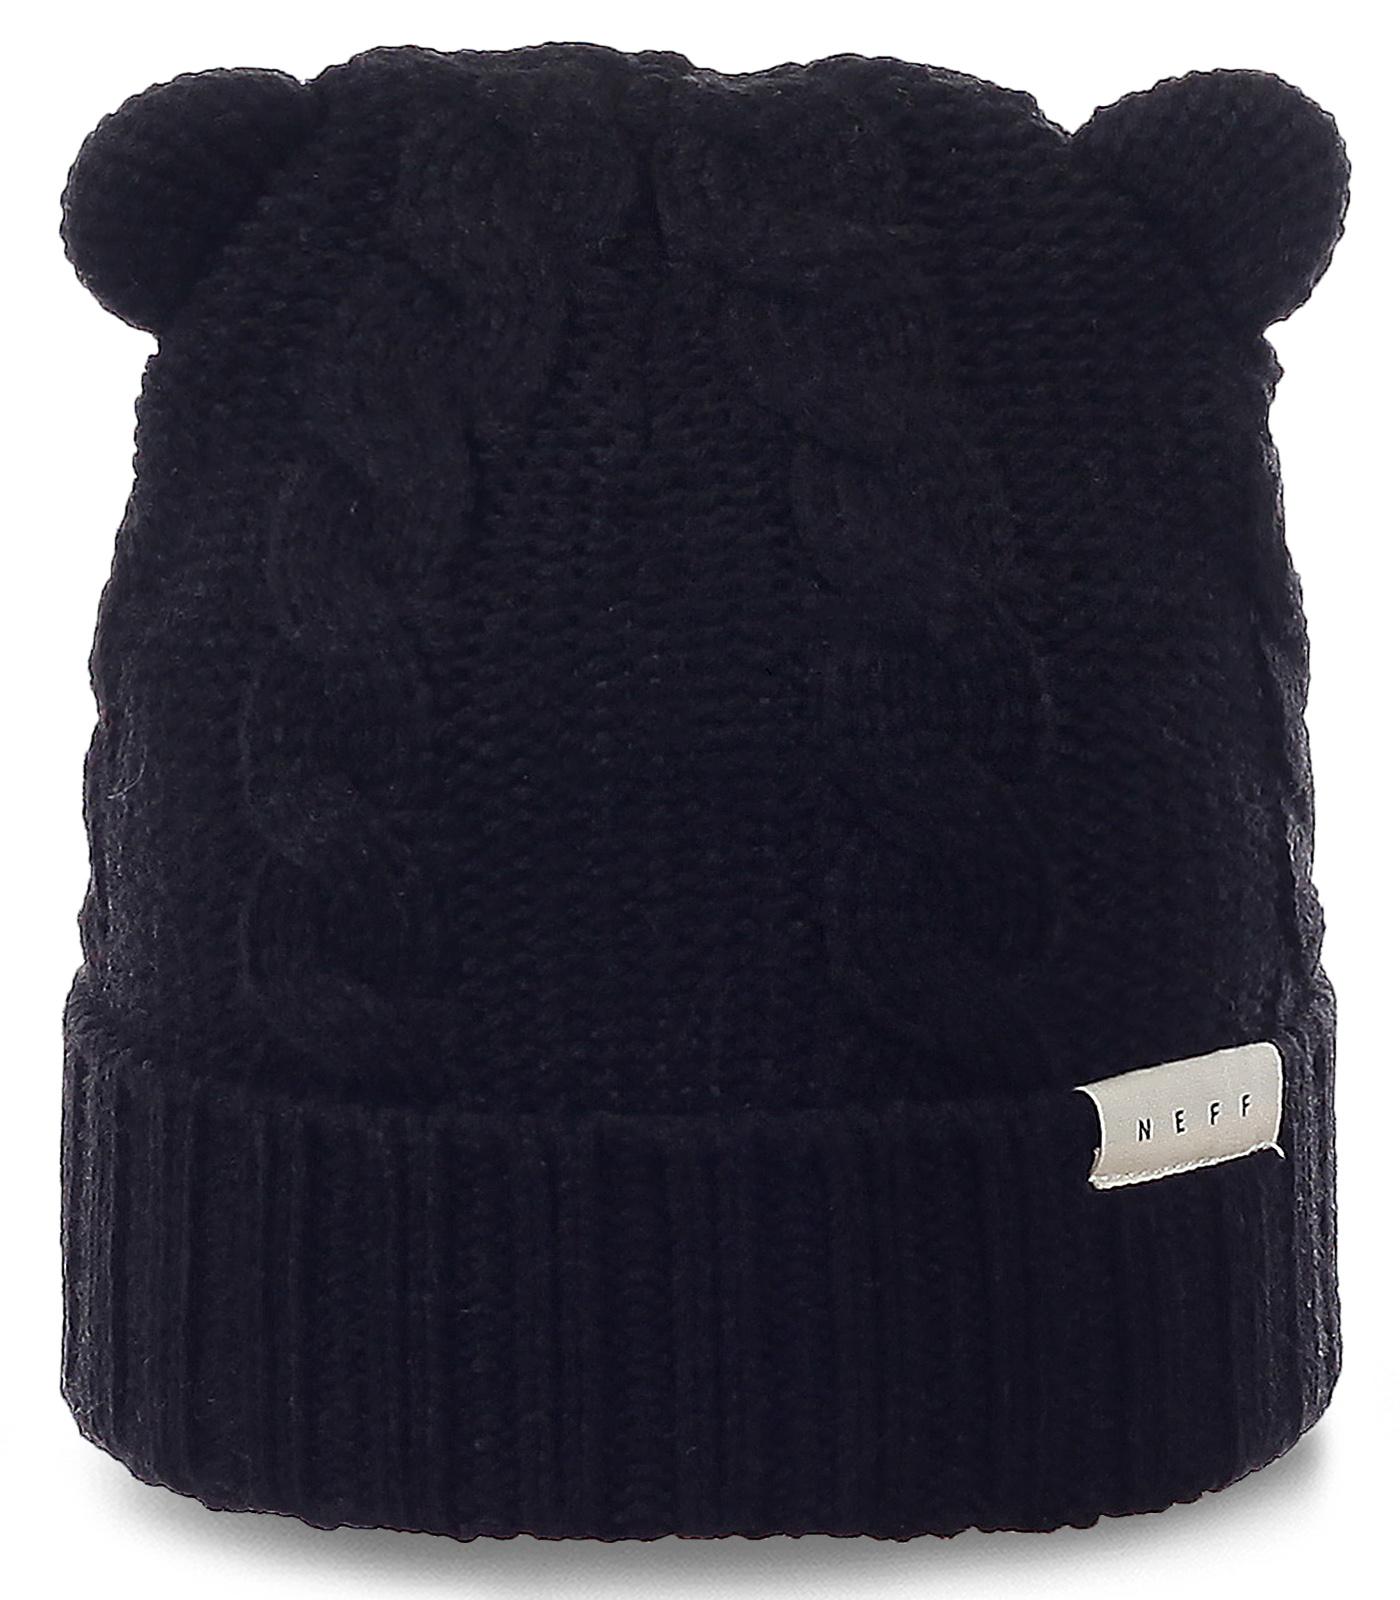 Забавная шапка Neff с ушками. Ультрасовременная модель для модных девушек